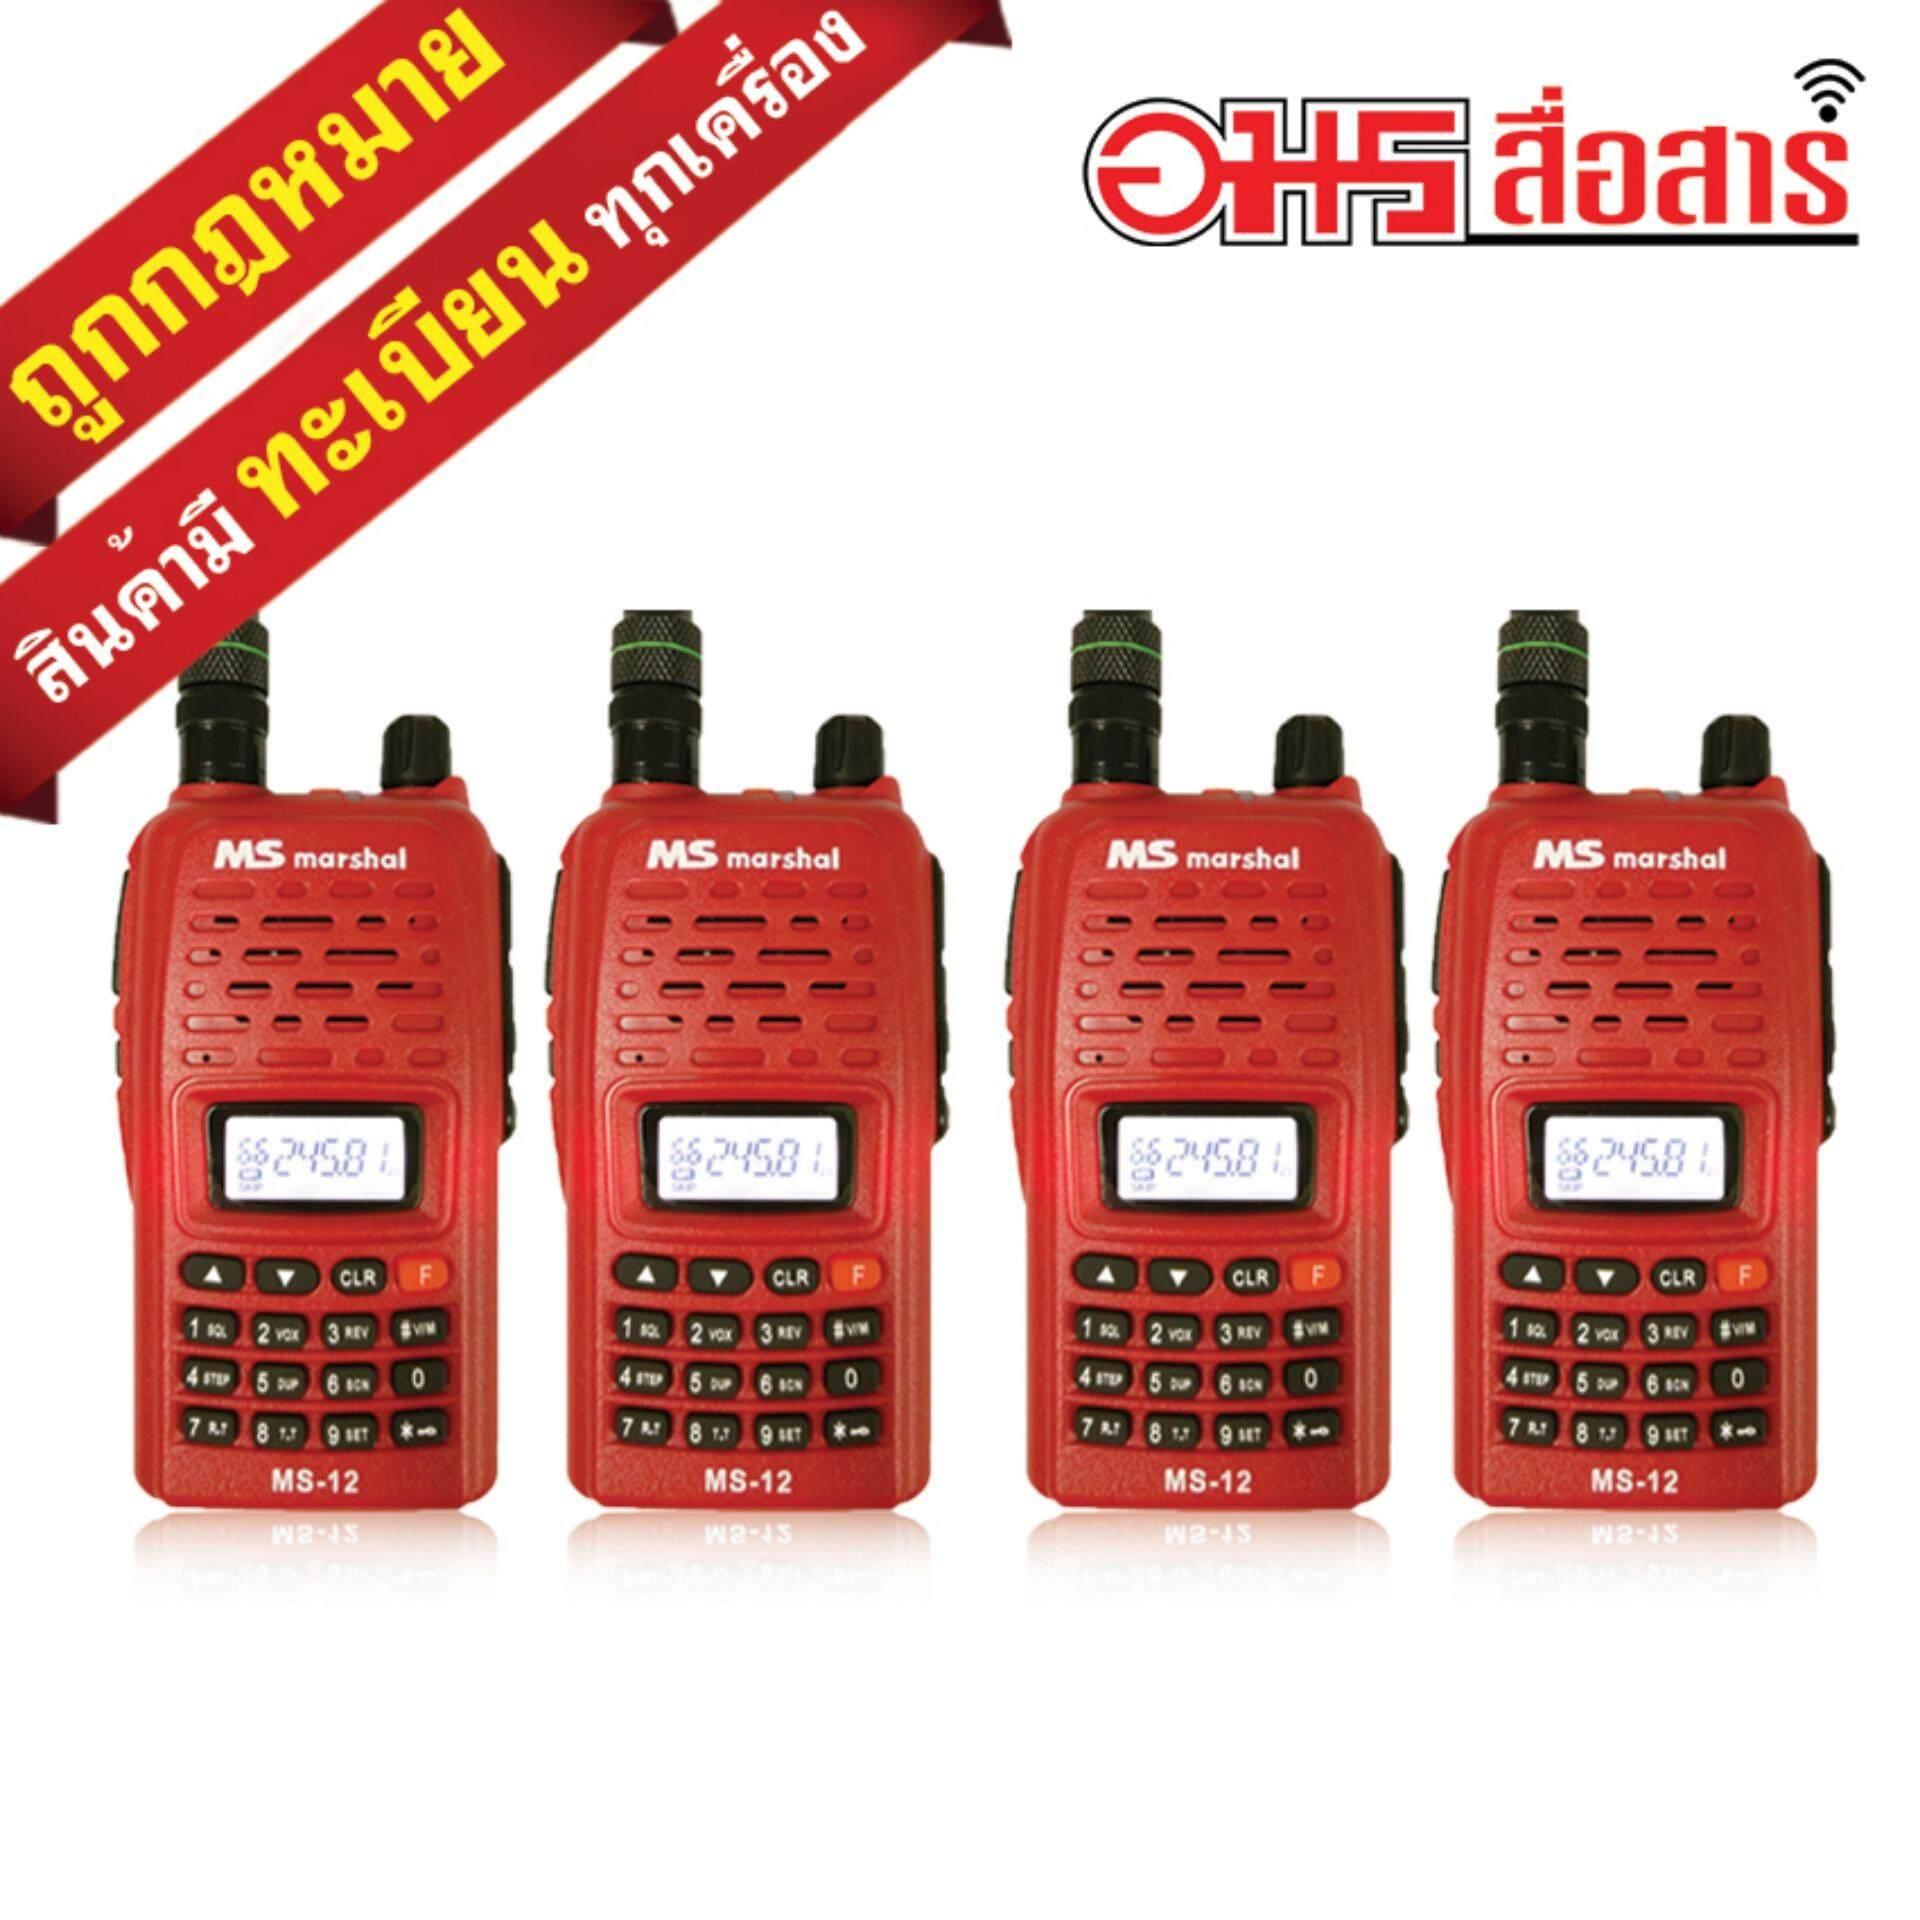 MS MARSHAL วิทยุสื่อสาร 5W MS-12  สีแดง แพ็คสี่ WALKIE TALKIE walkie-talkie อมรสื่อสาร